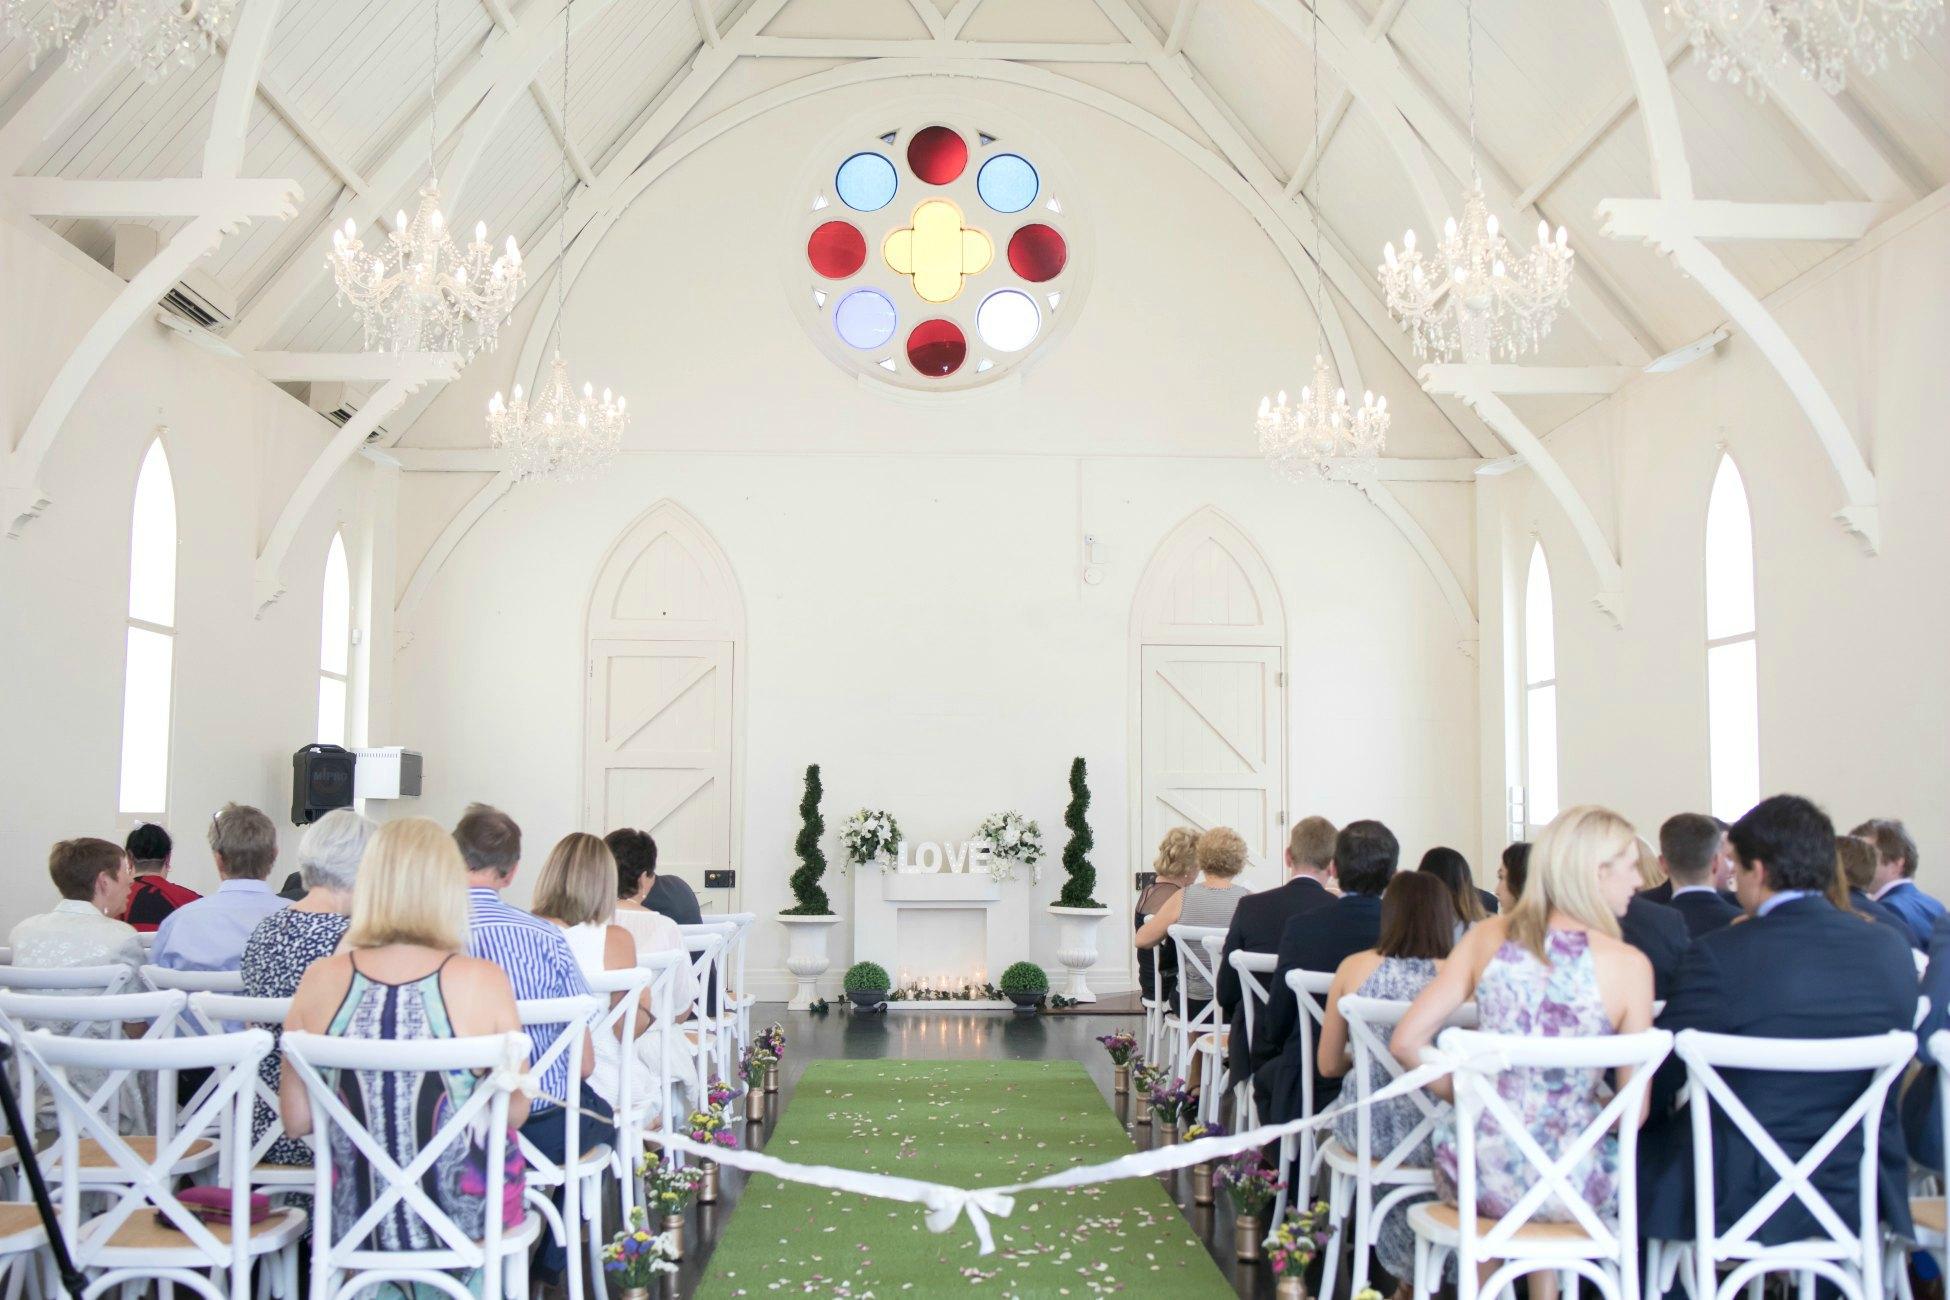 high church brisbane pretty white wedding church Wedding Day Video